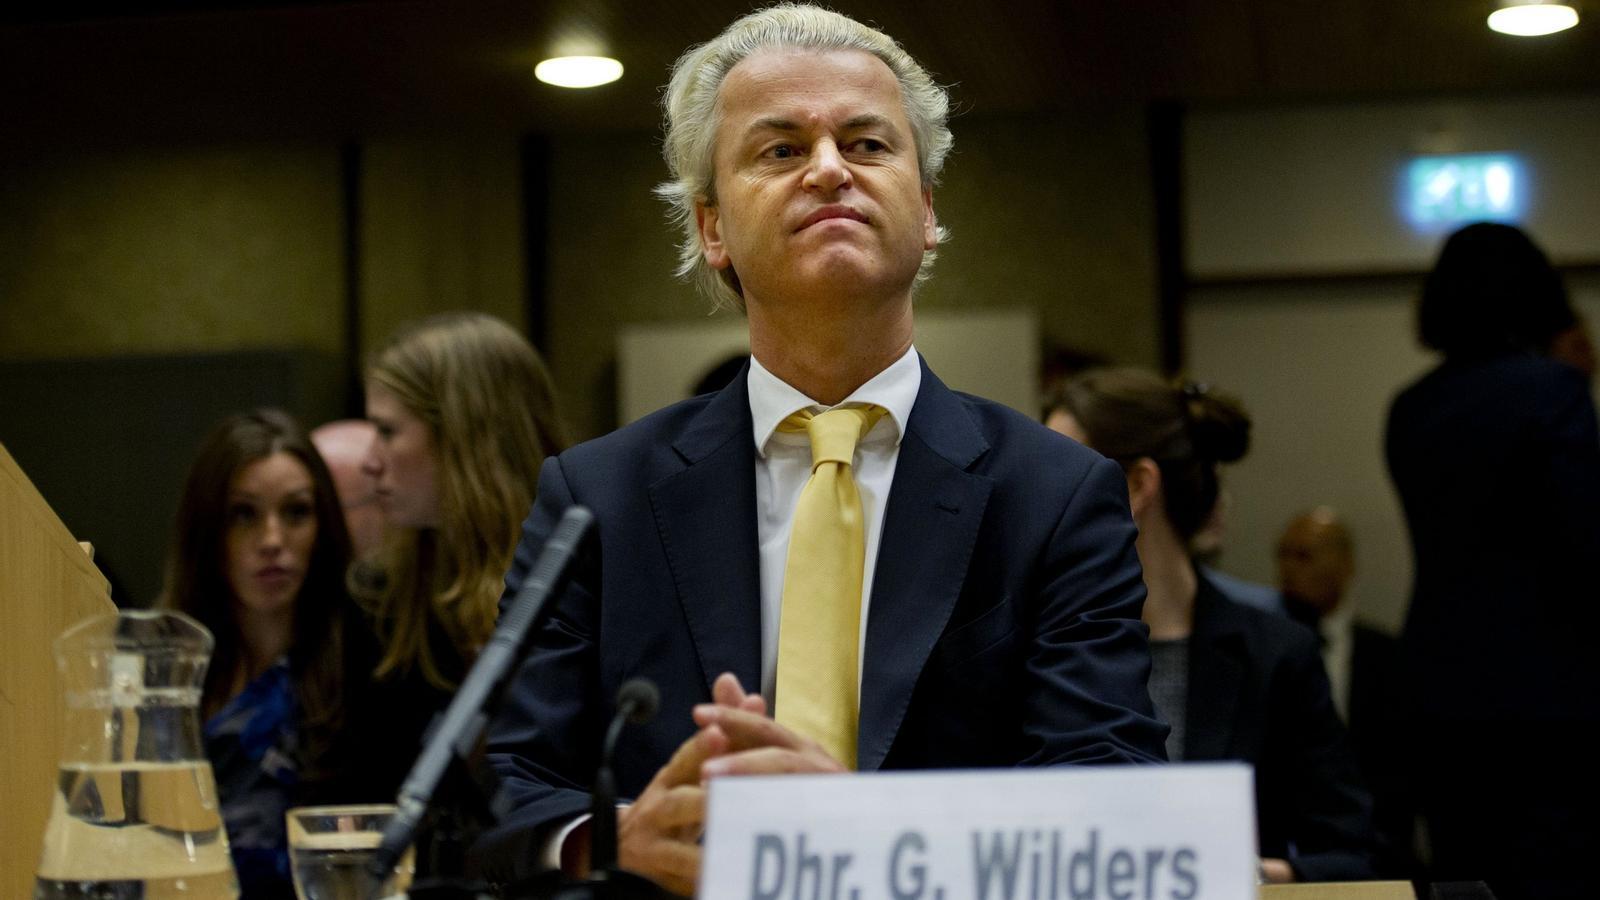 Geert Wilders / ROBIN UTRECHT / AFP